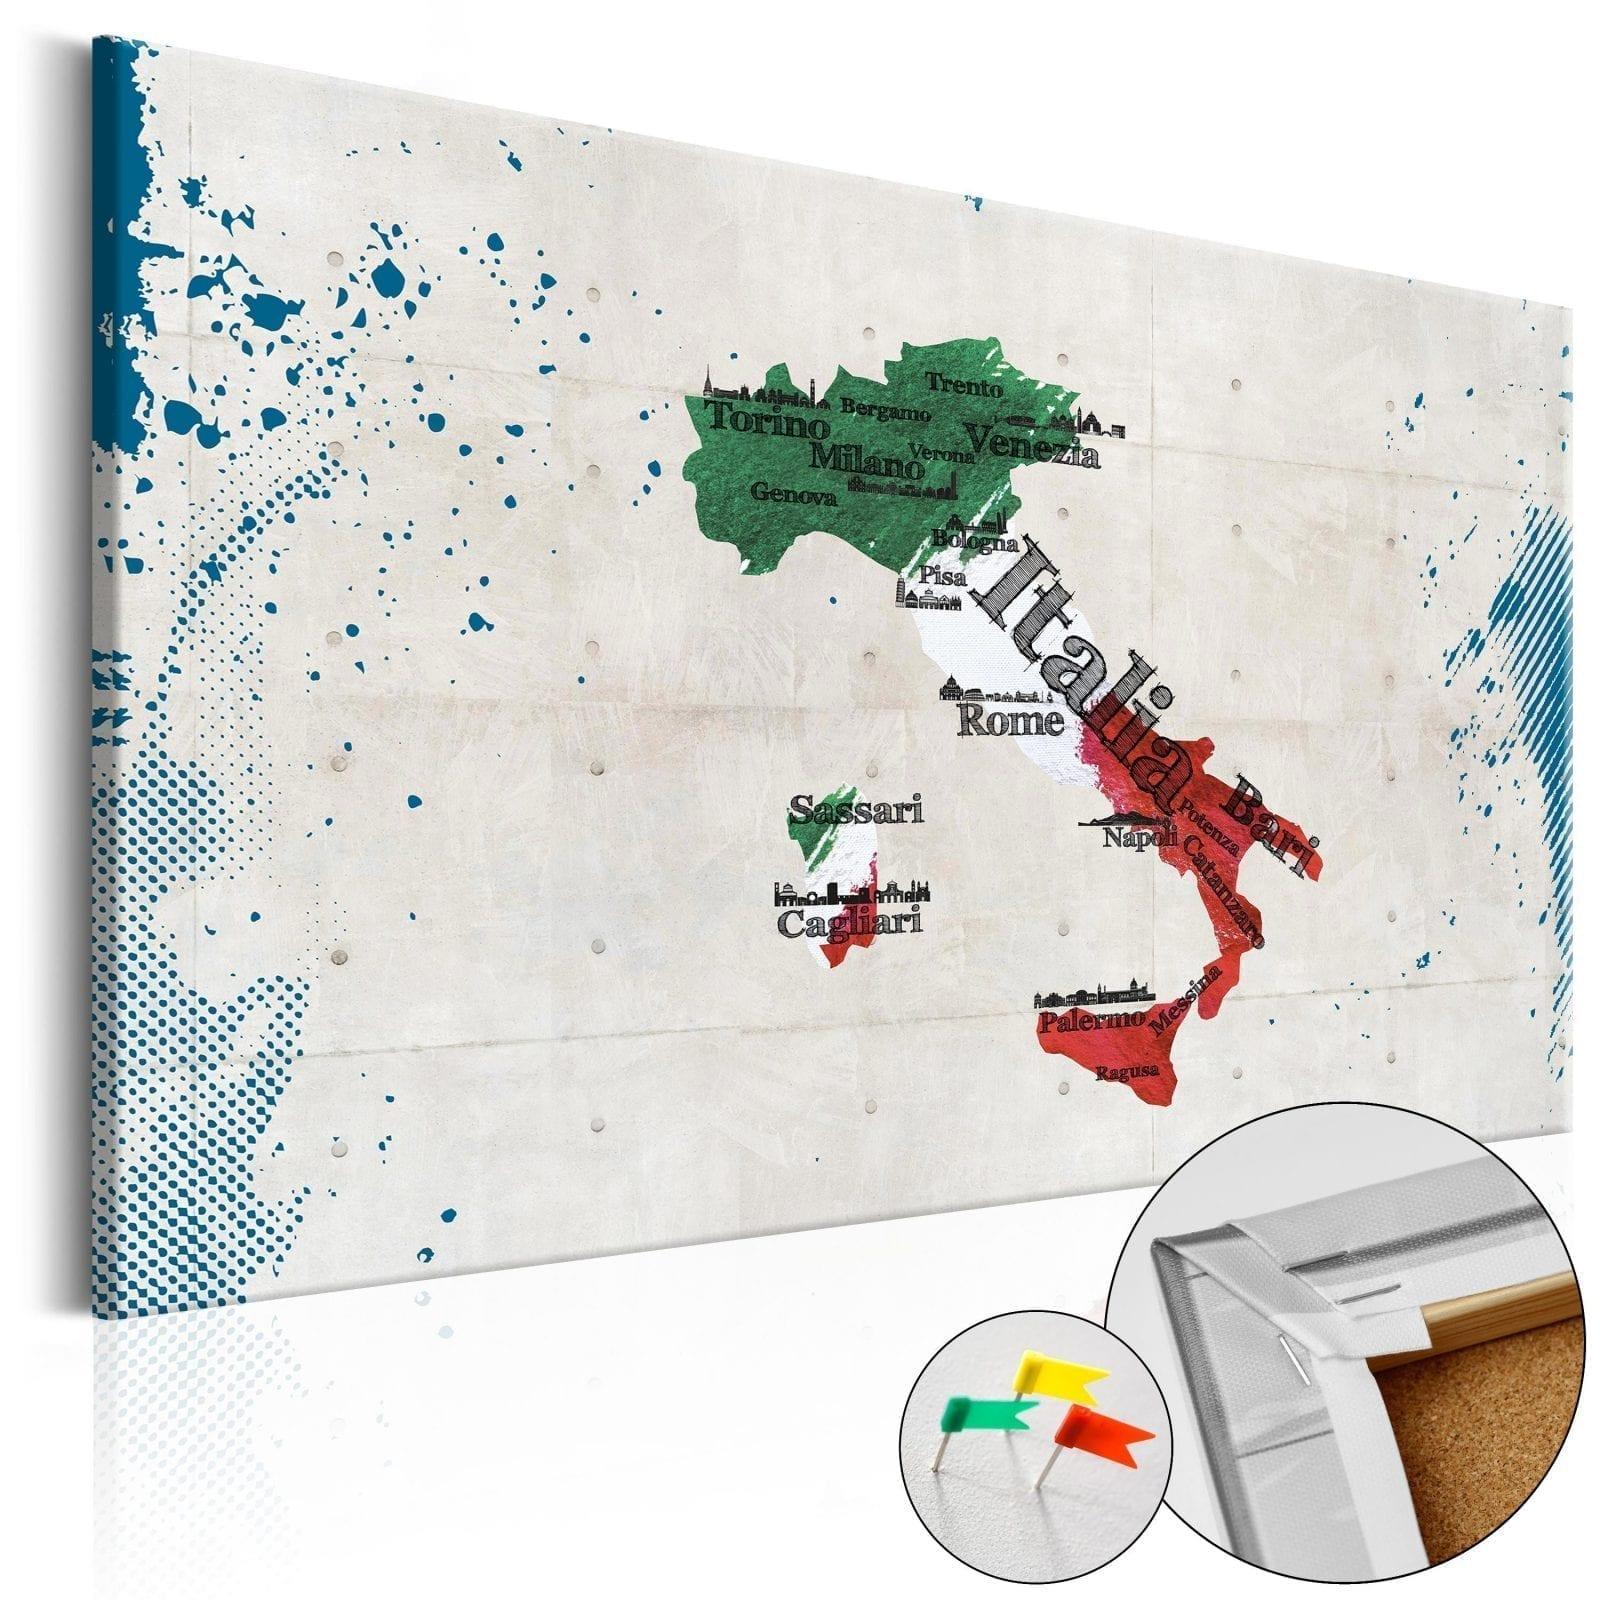 Tablero de corcho - Italy 1 | Potspintura.com